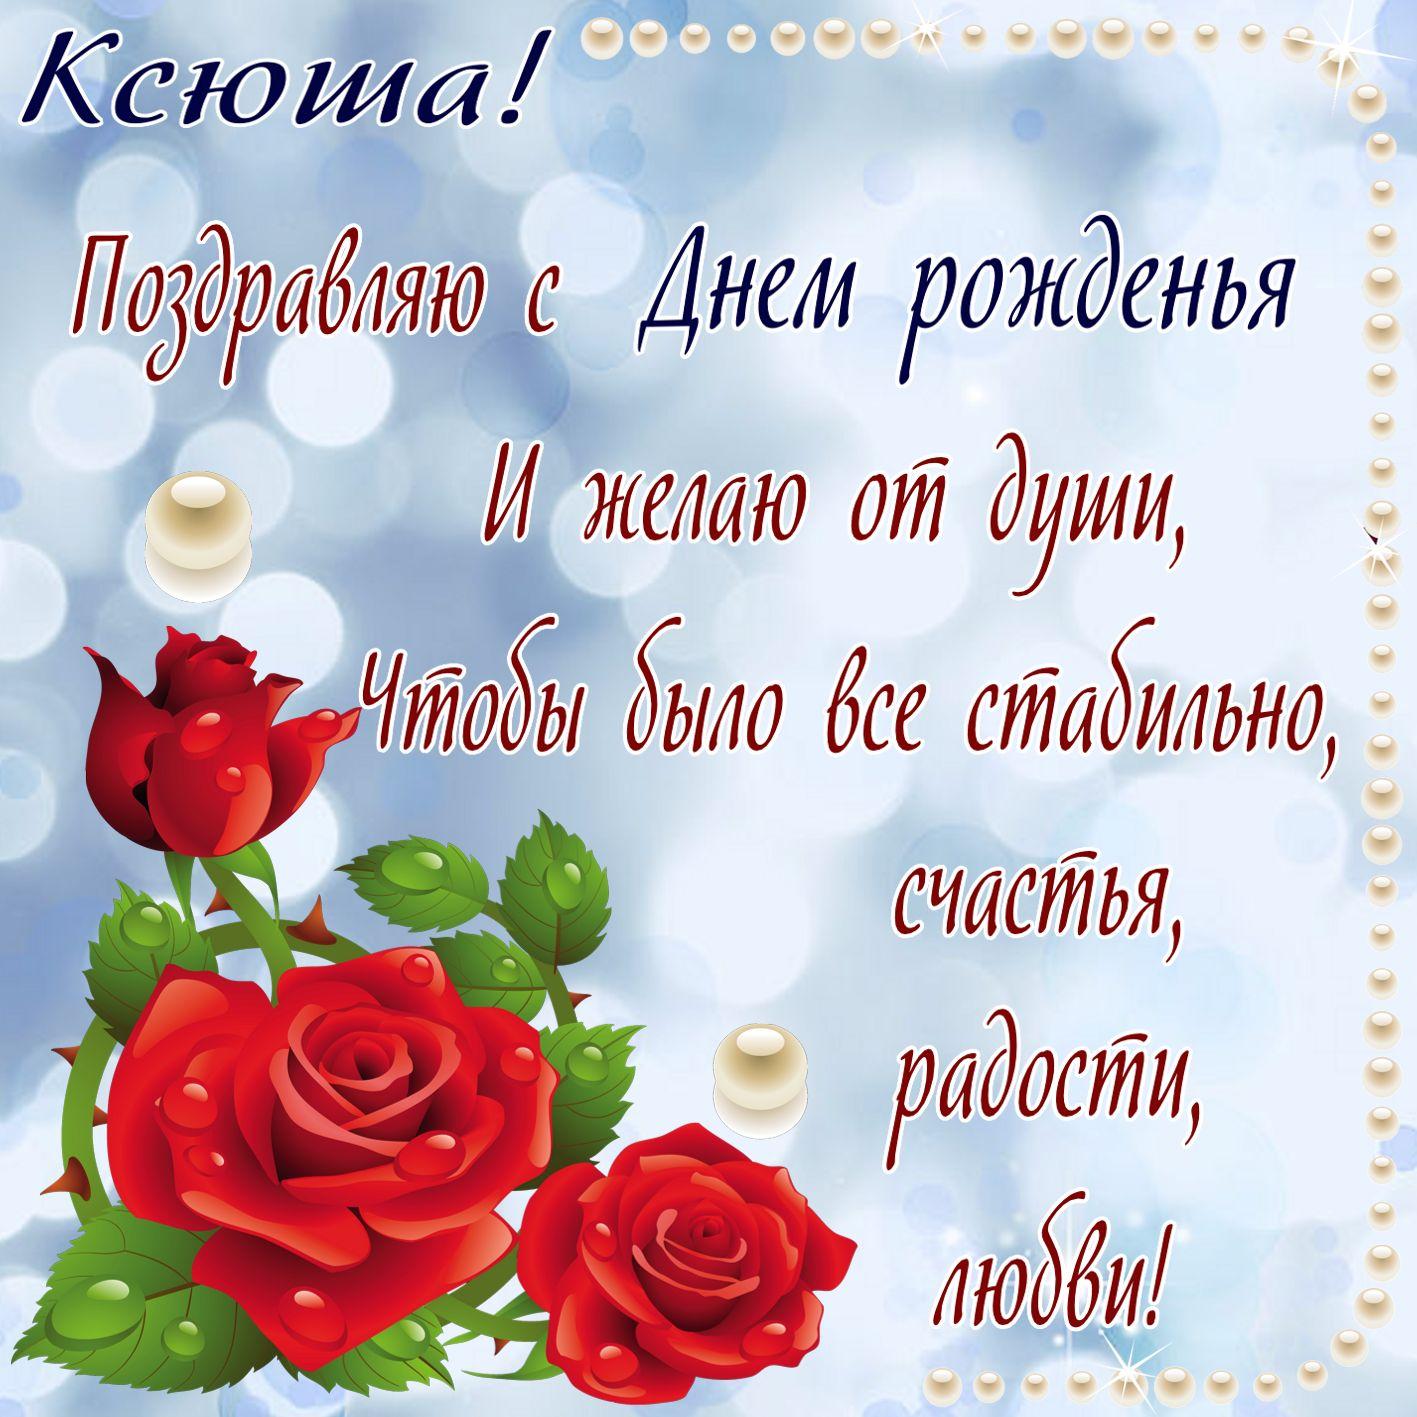 Поздравления для ксюши от подруги